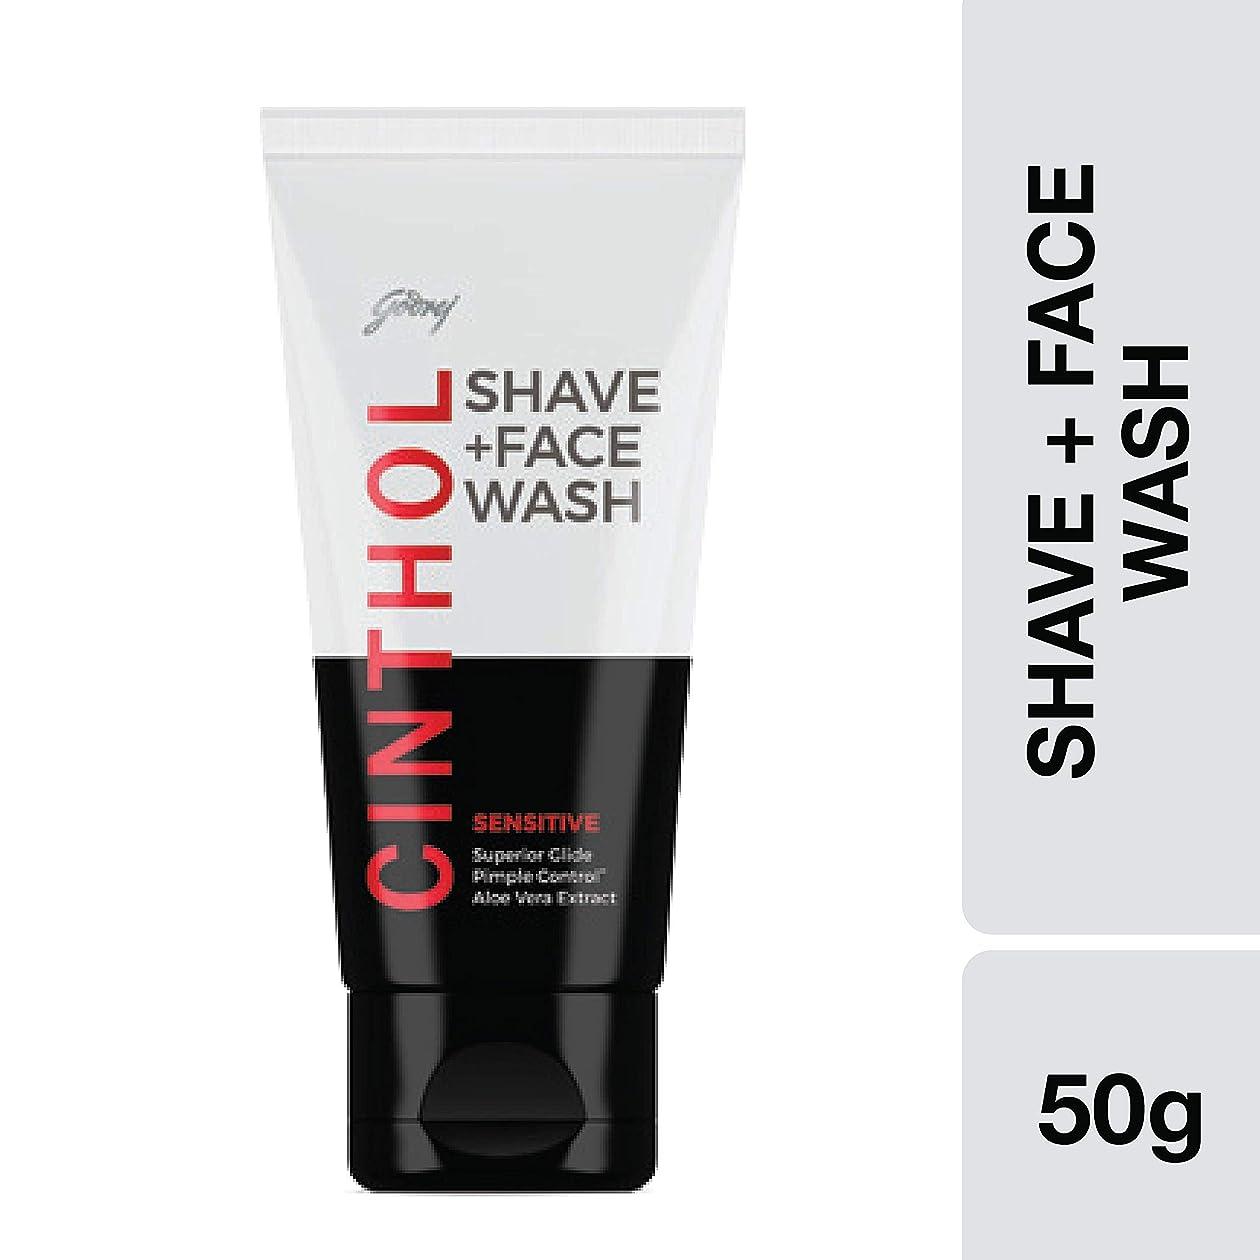 小麦粉満足必要Cinthol Sensitive Shaving + Face Wash, 50g